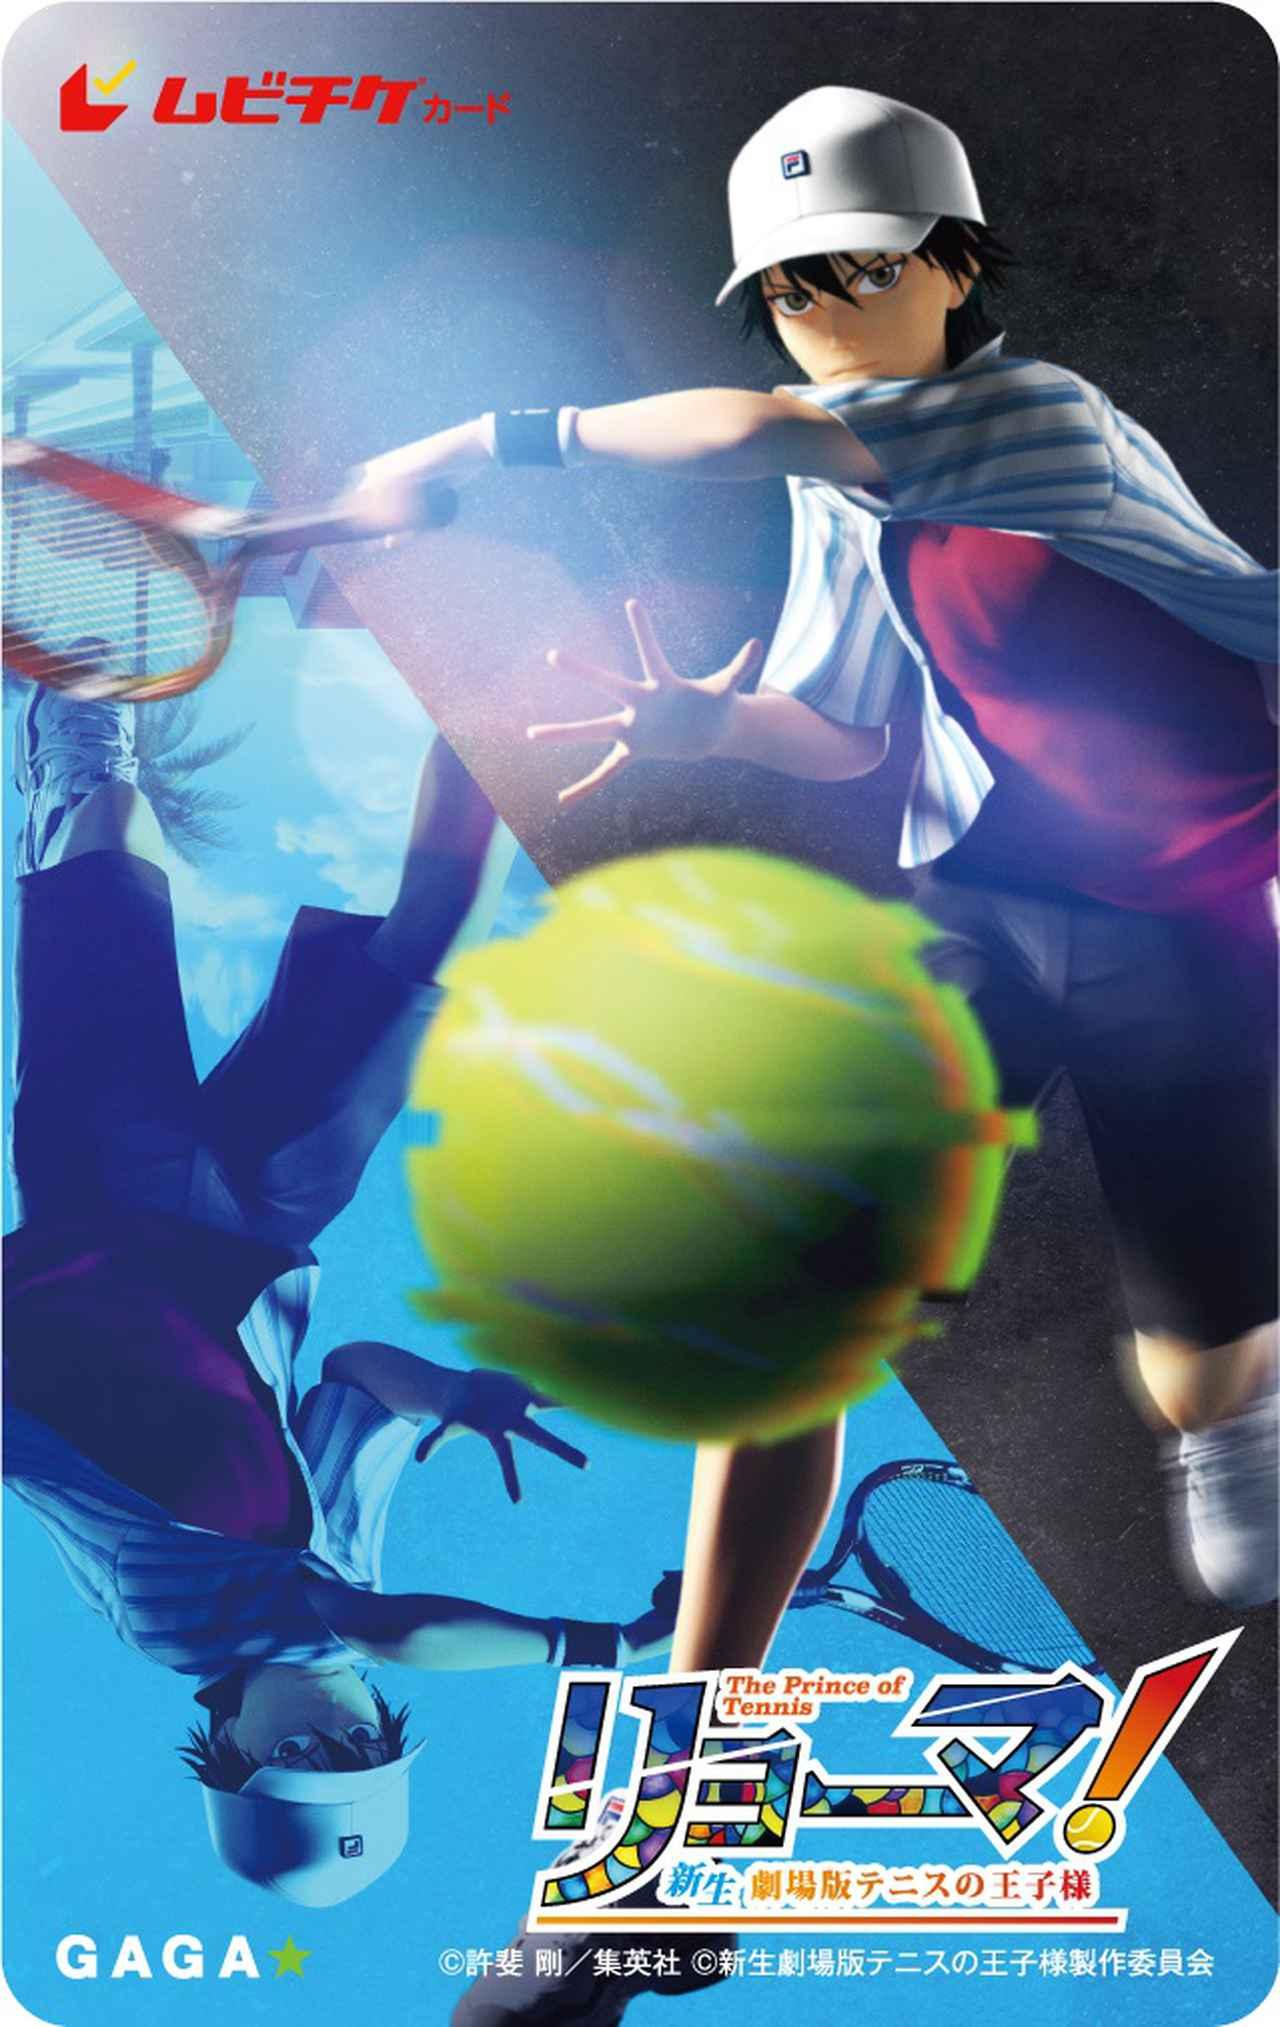 画像3: 『リョーマ!The Prince of Tennis 新生劇場版テニスの王子様』ポスタービジュアル解禁&2タイプの上映決定!